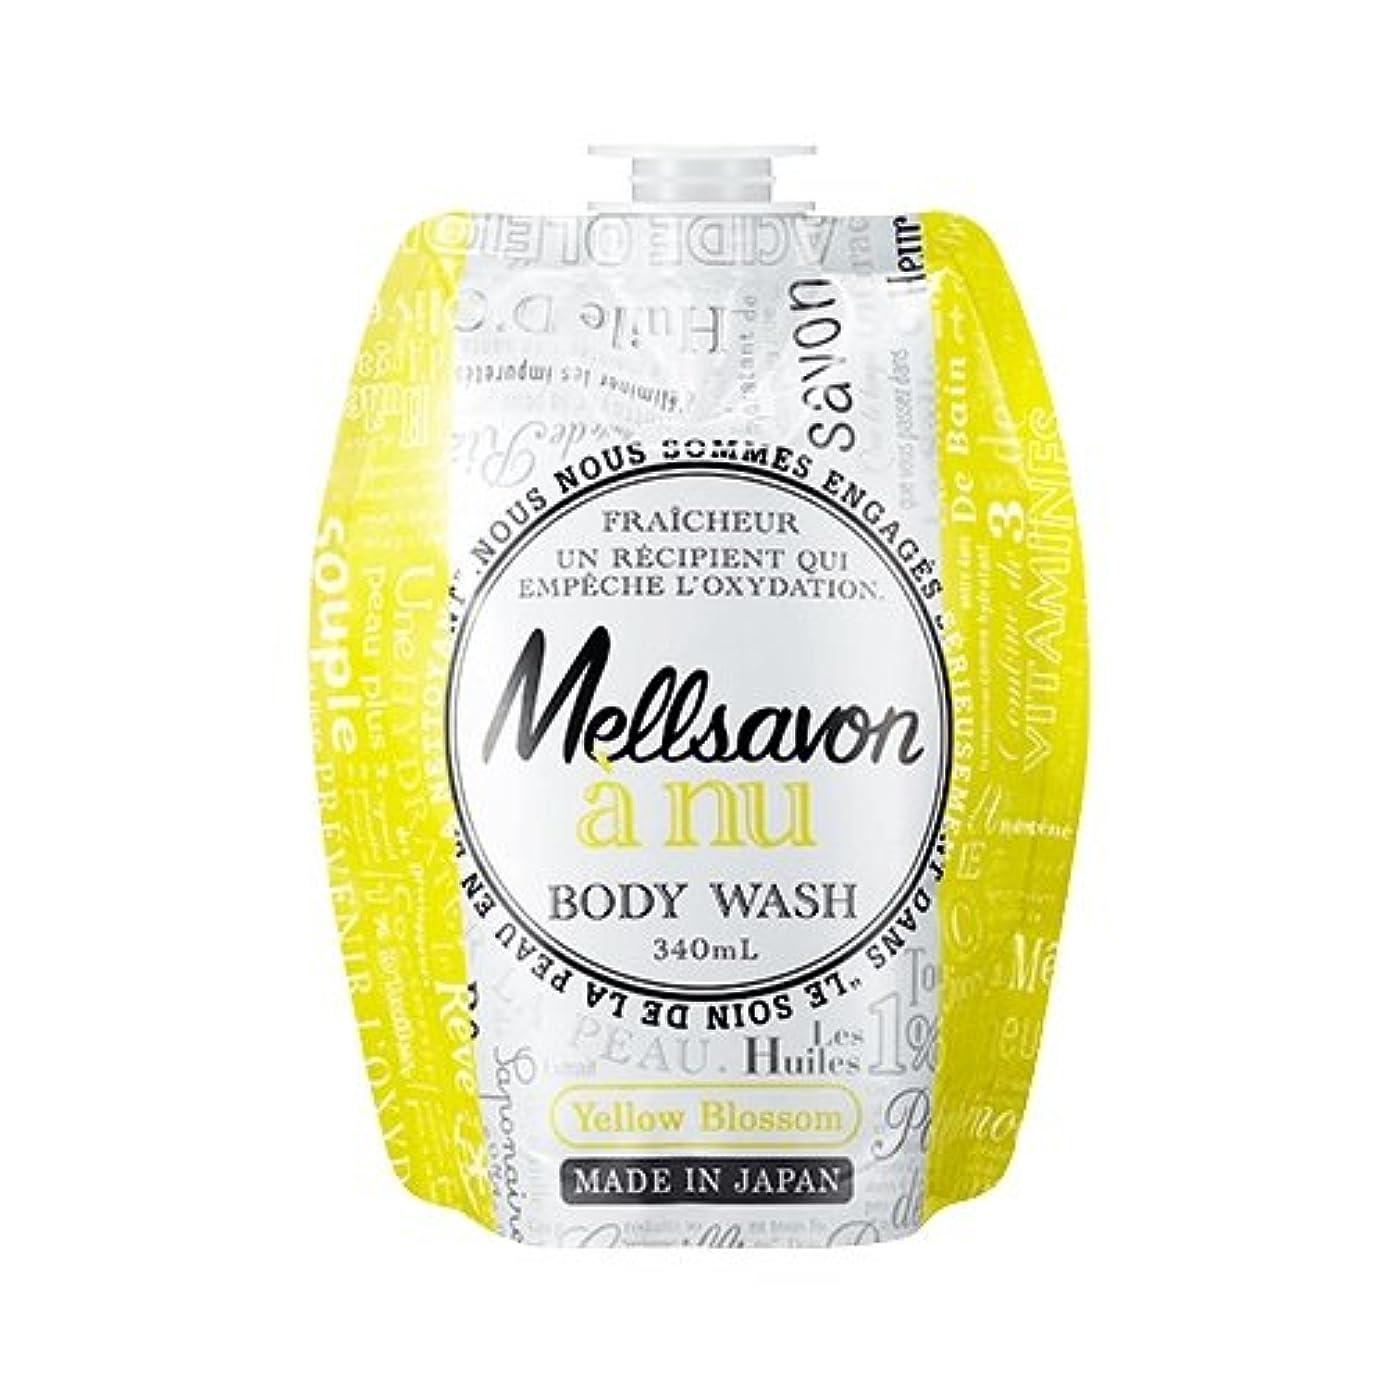 シャーク硫黄生息地メルサボン アニュ ボディウォッシュ スムースモイスチャー 詰替え用 (340mL)